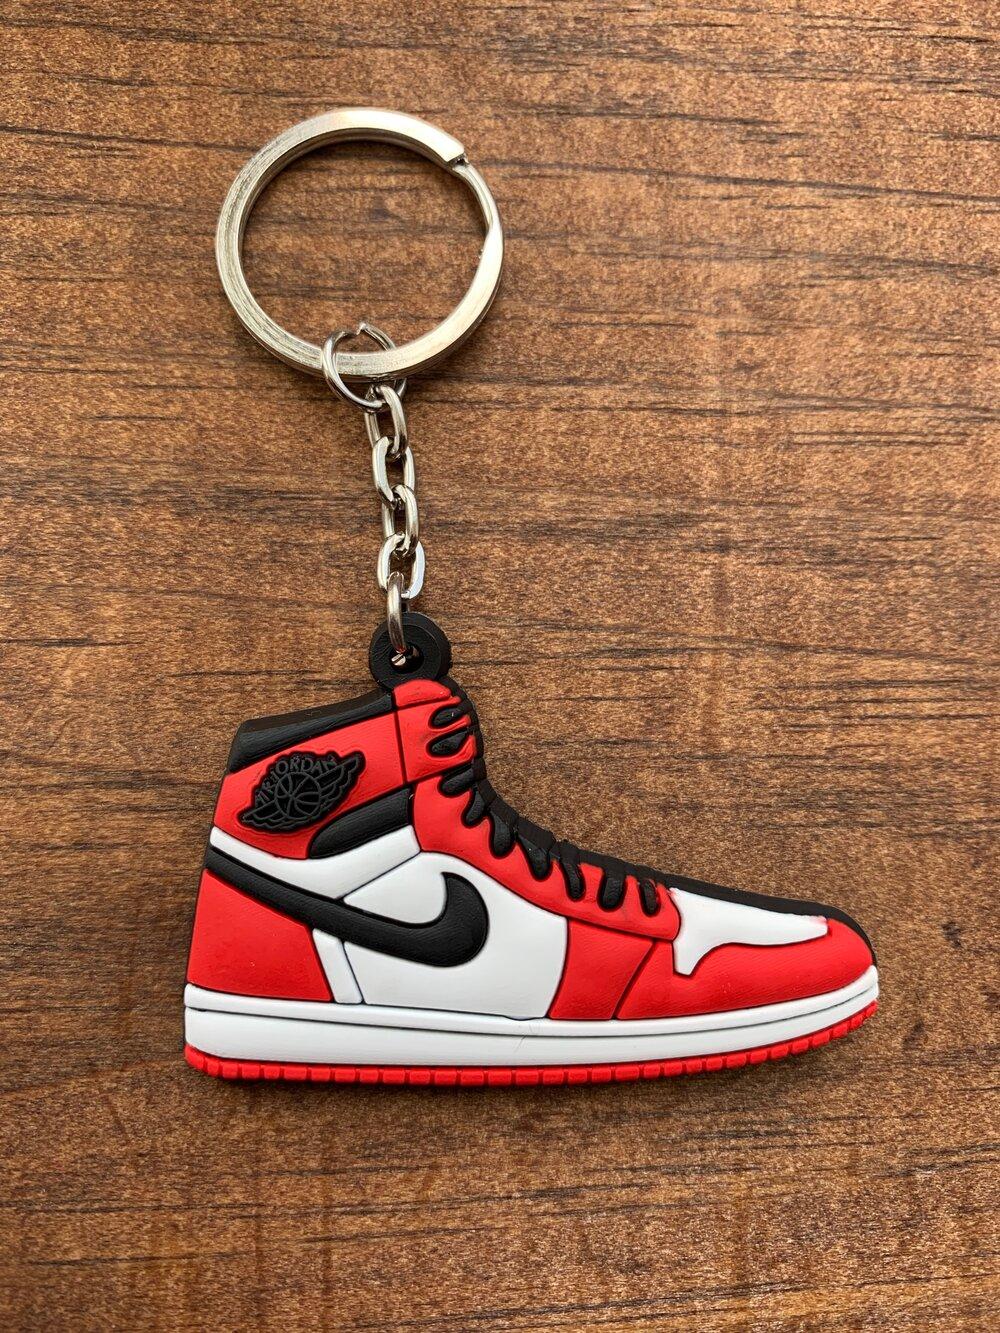 Air Jordan 1 Game Royal Keychain — kicksco